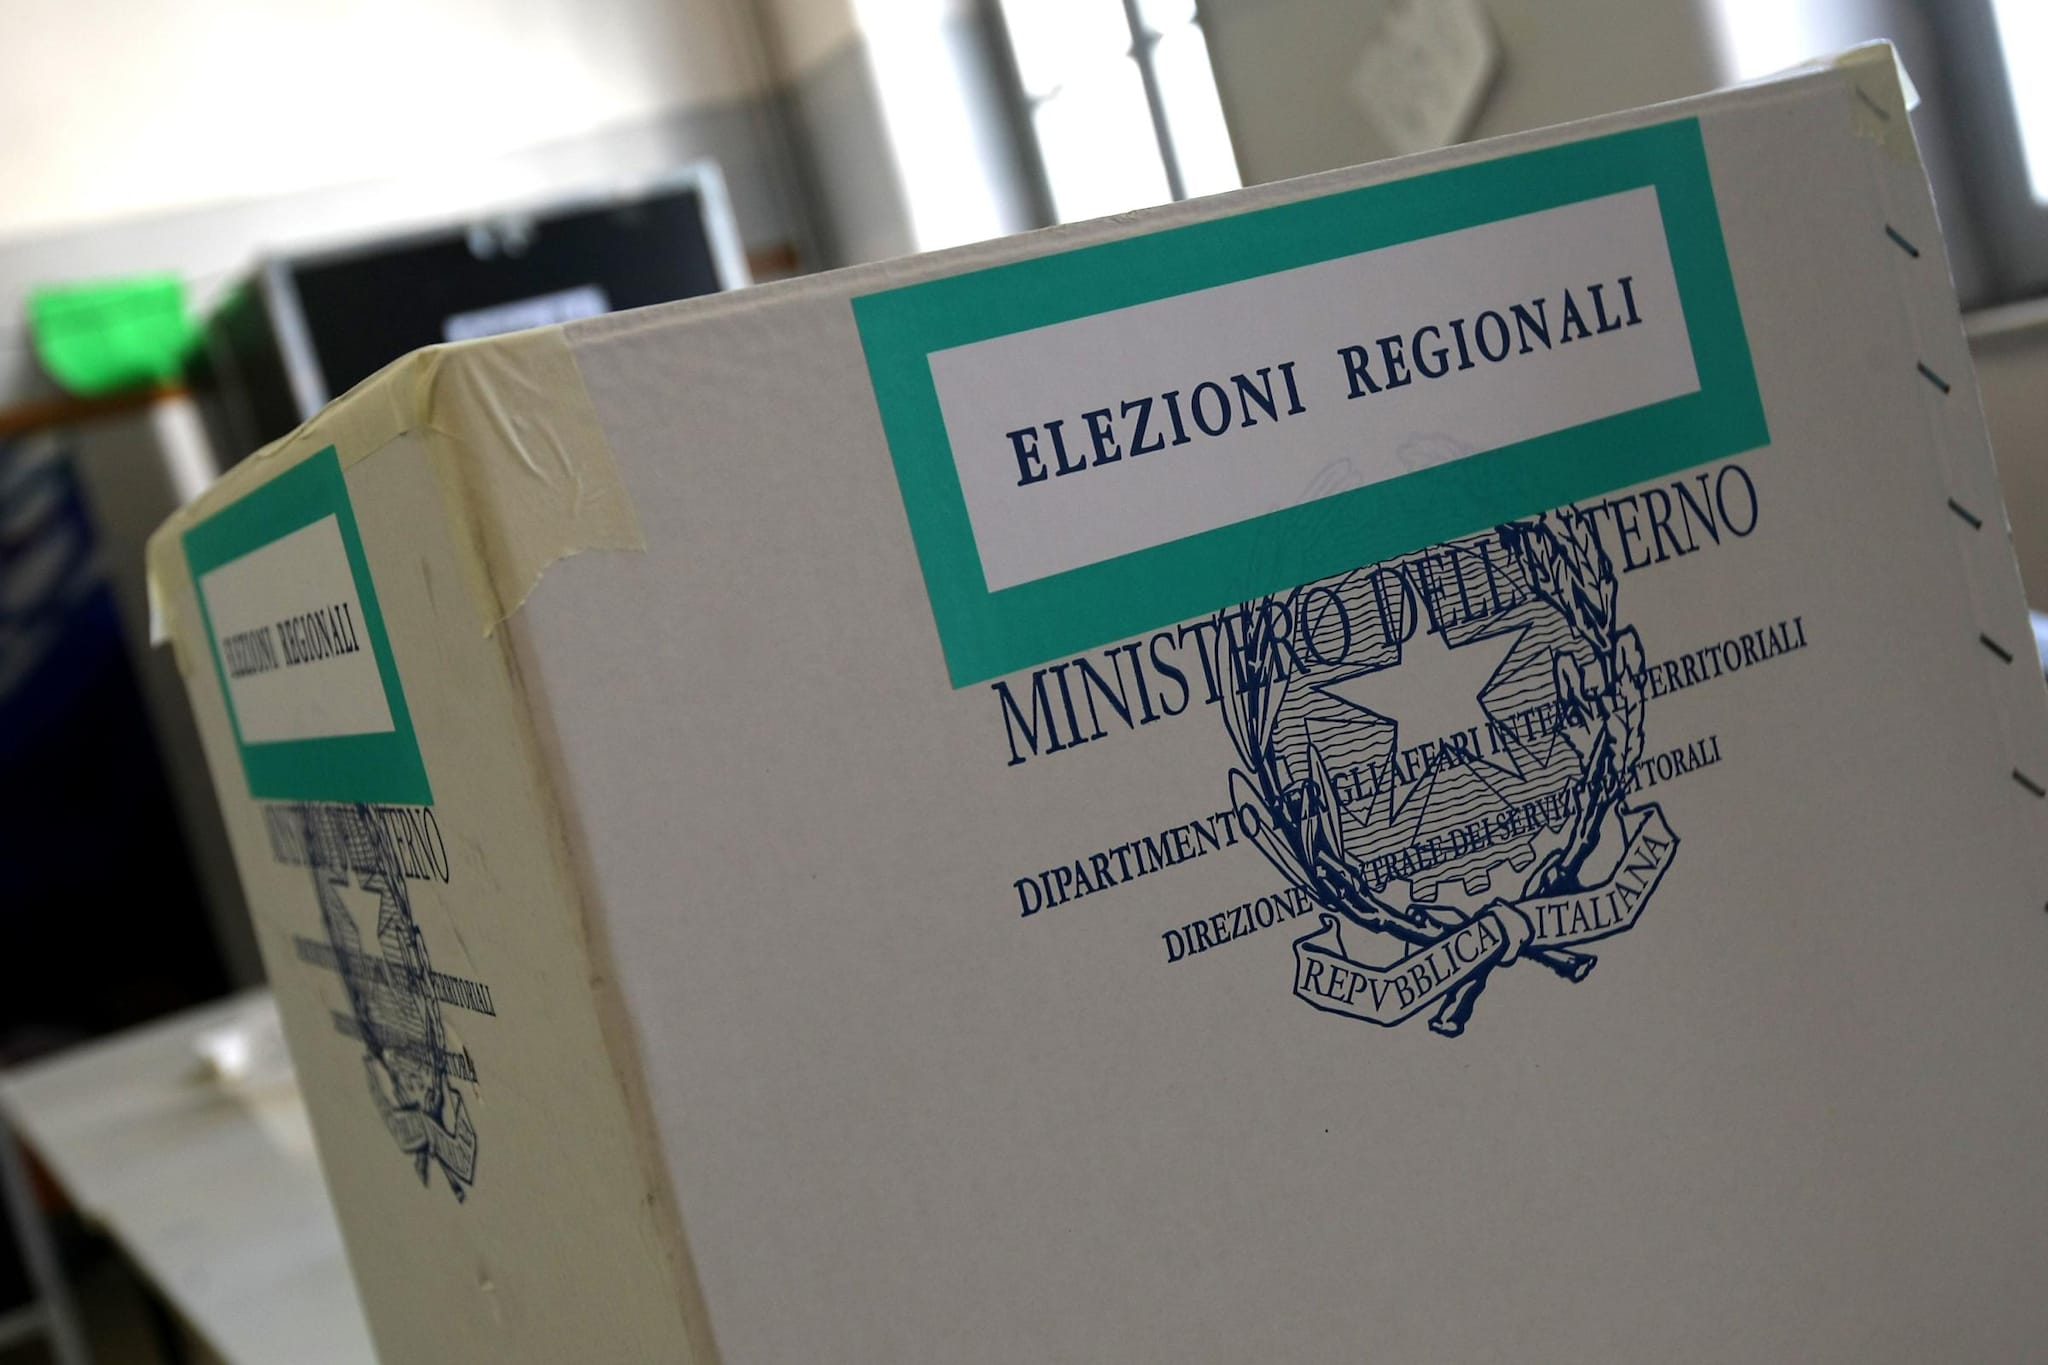 elezioni-regionali-13-settembre-2020